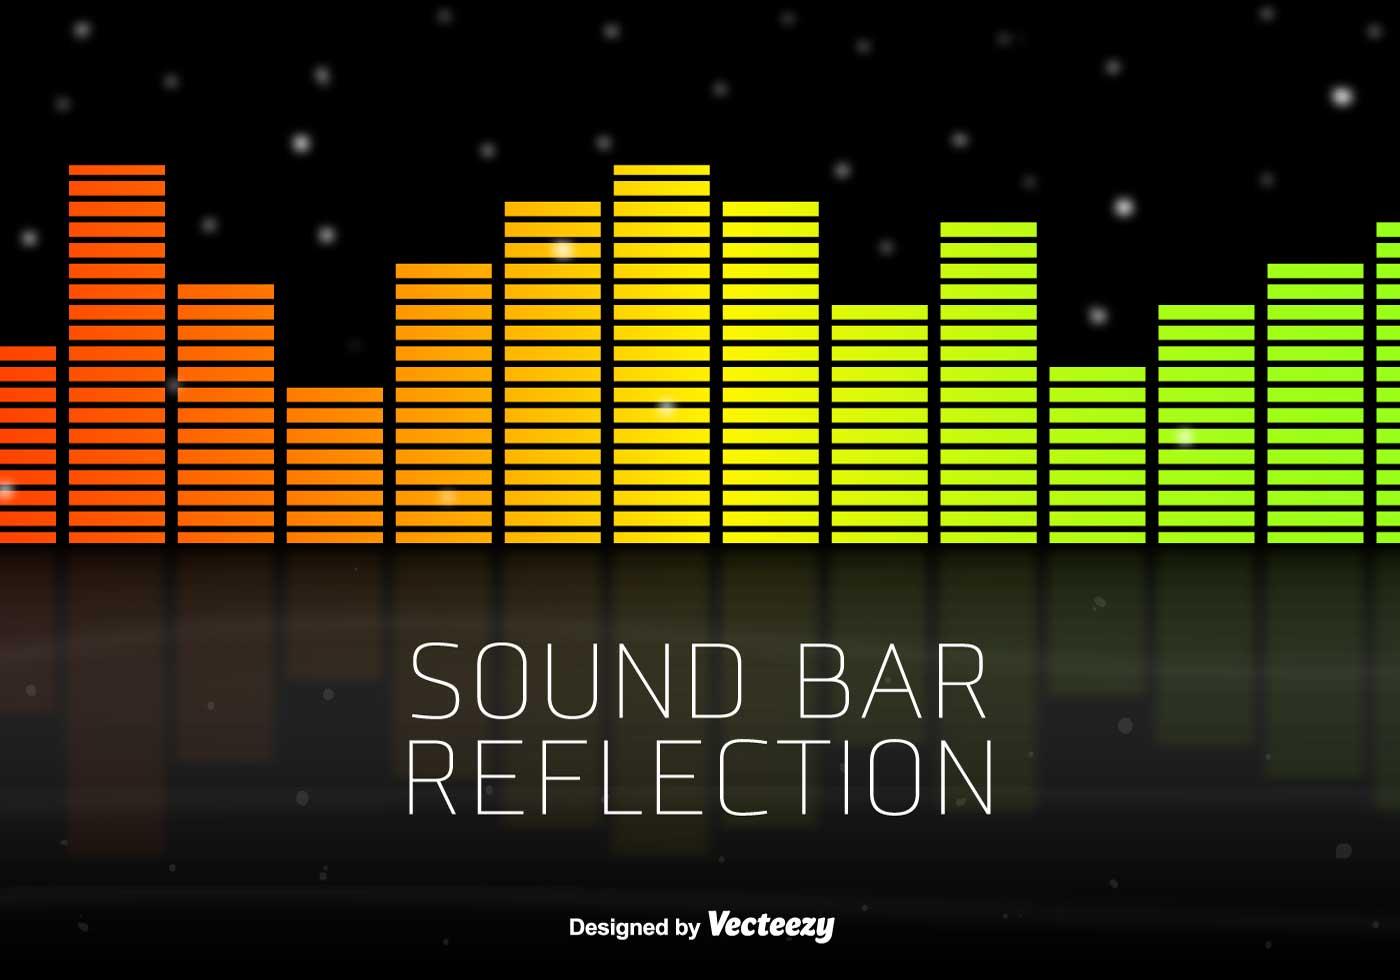 Contexte Bars Neon Vector son - Telecharger Vectoriel ...